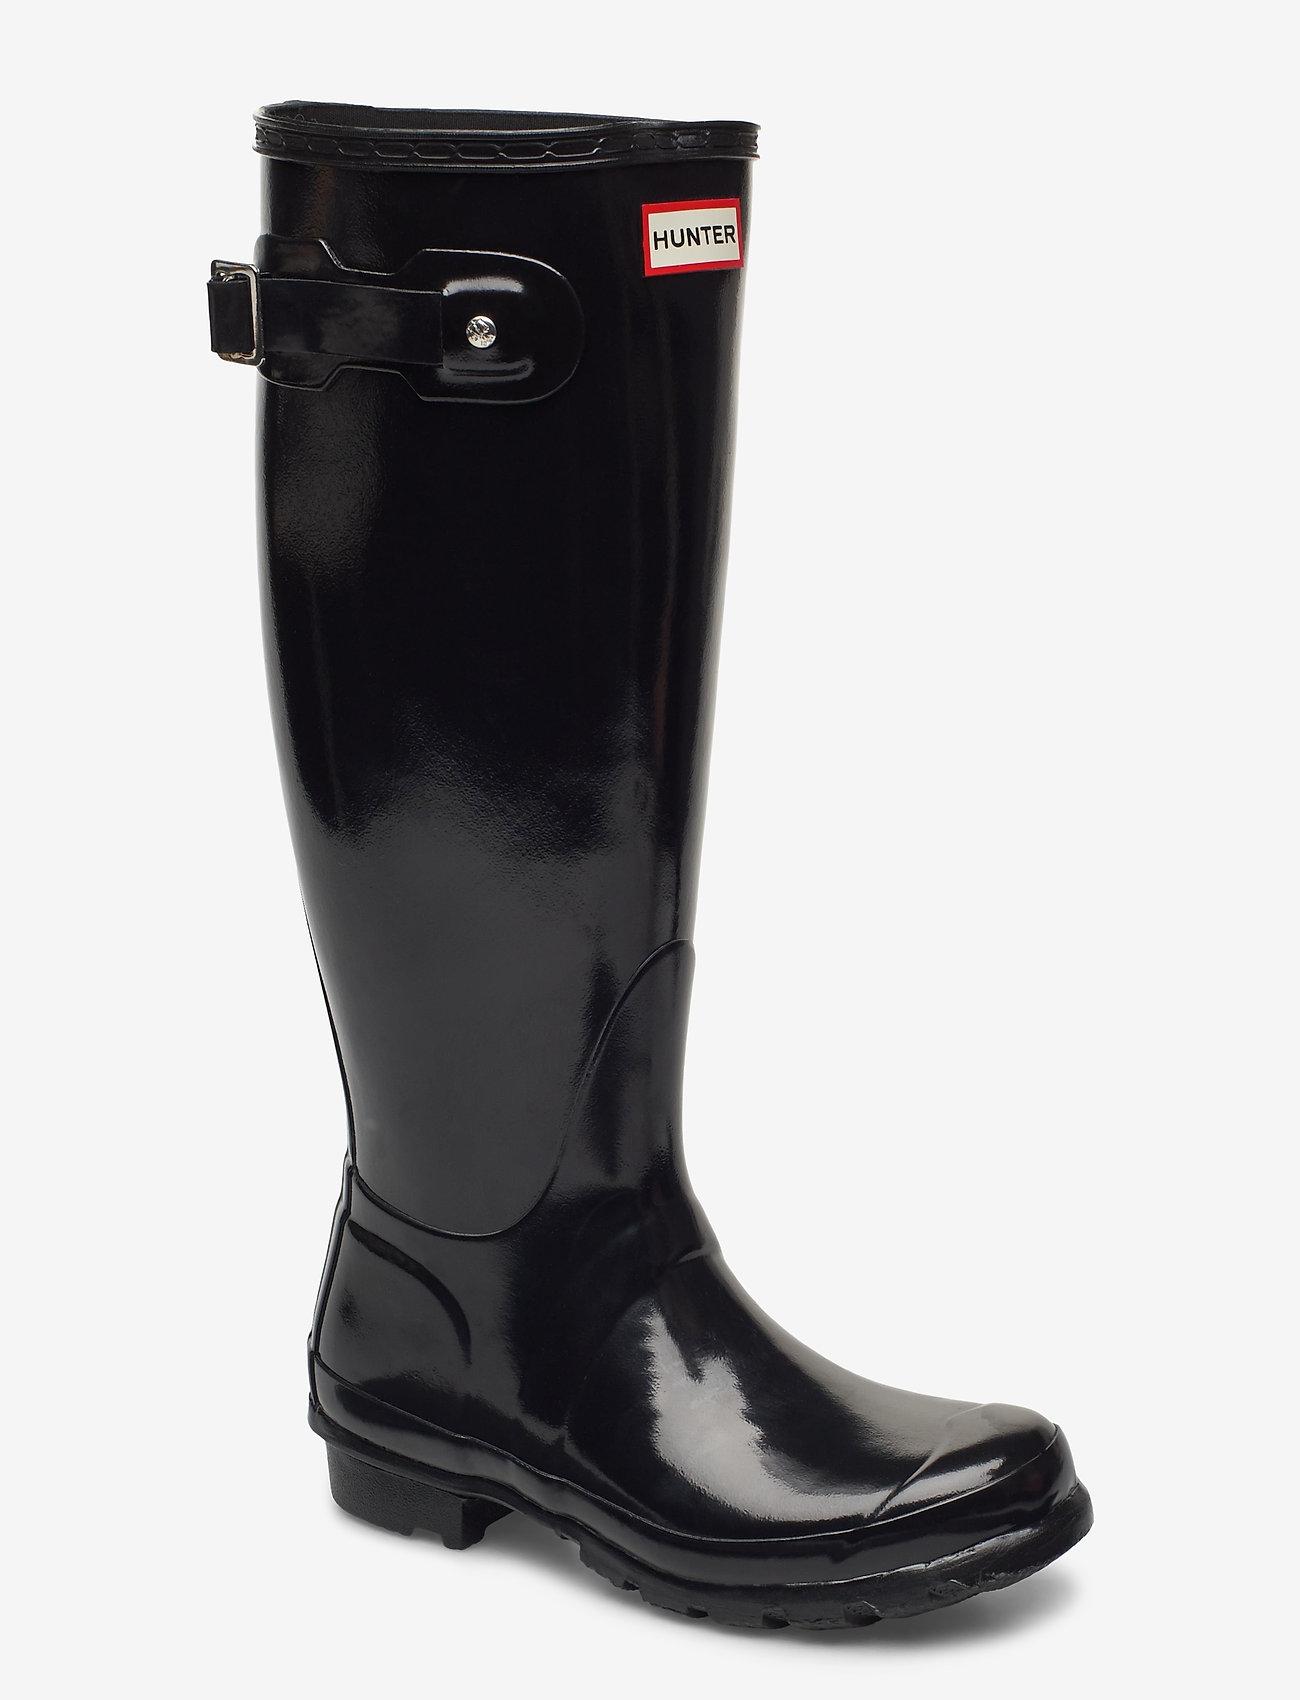 Hunter - Hunter Women's Orig Tall - gummistøvler - black - 0